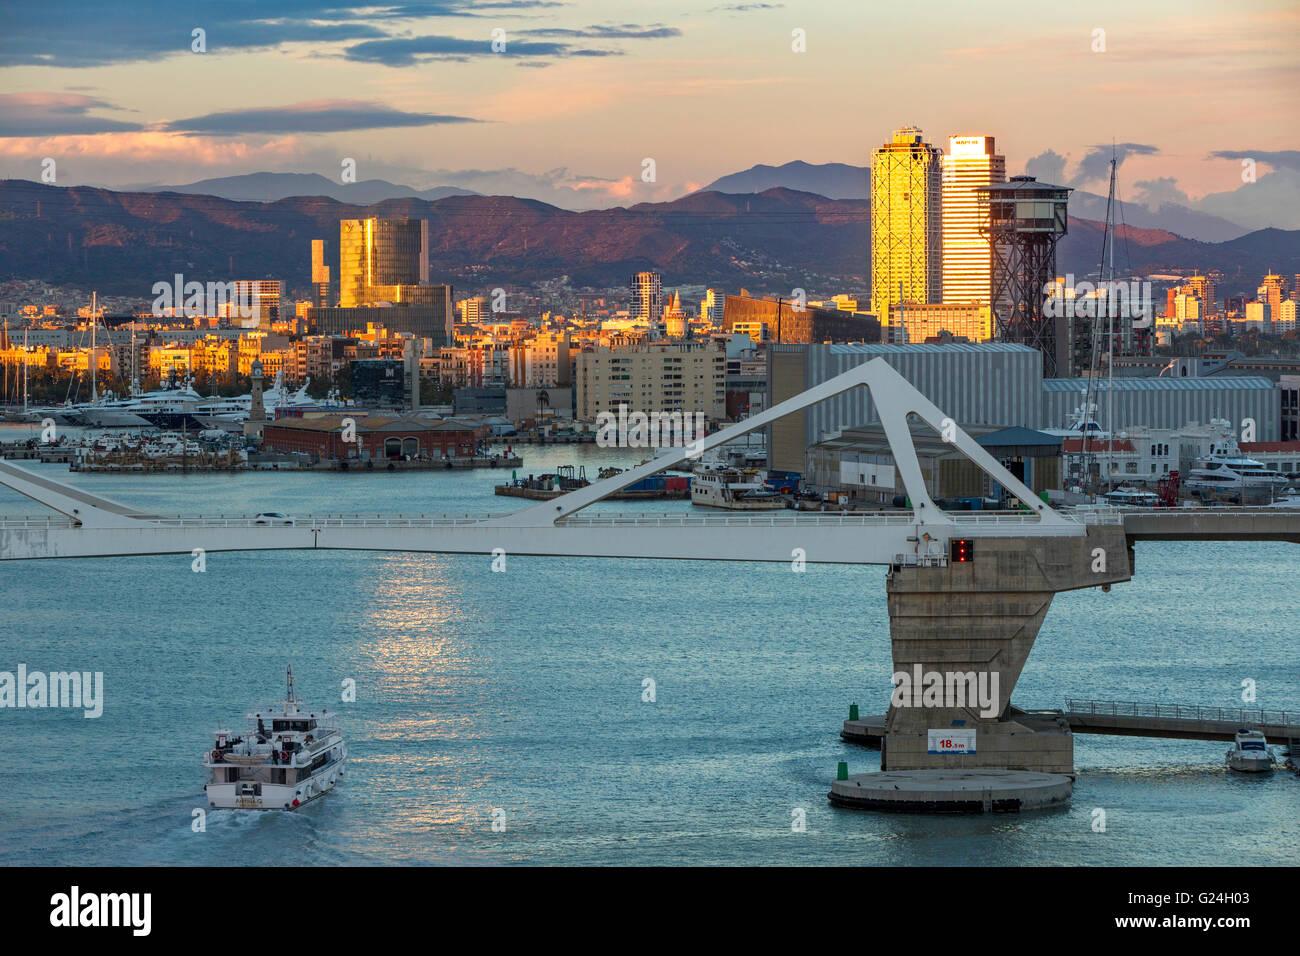 Barca entrando nel porto di Barcellona, Spagna Immagini Stock